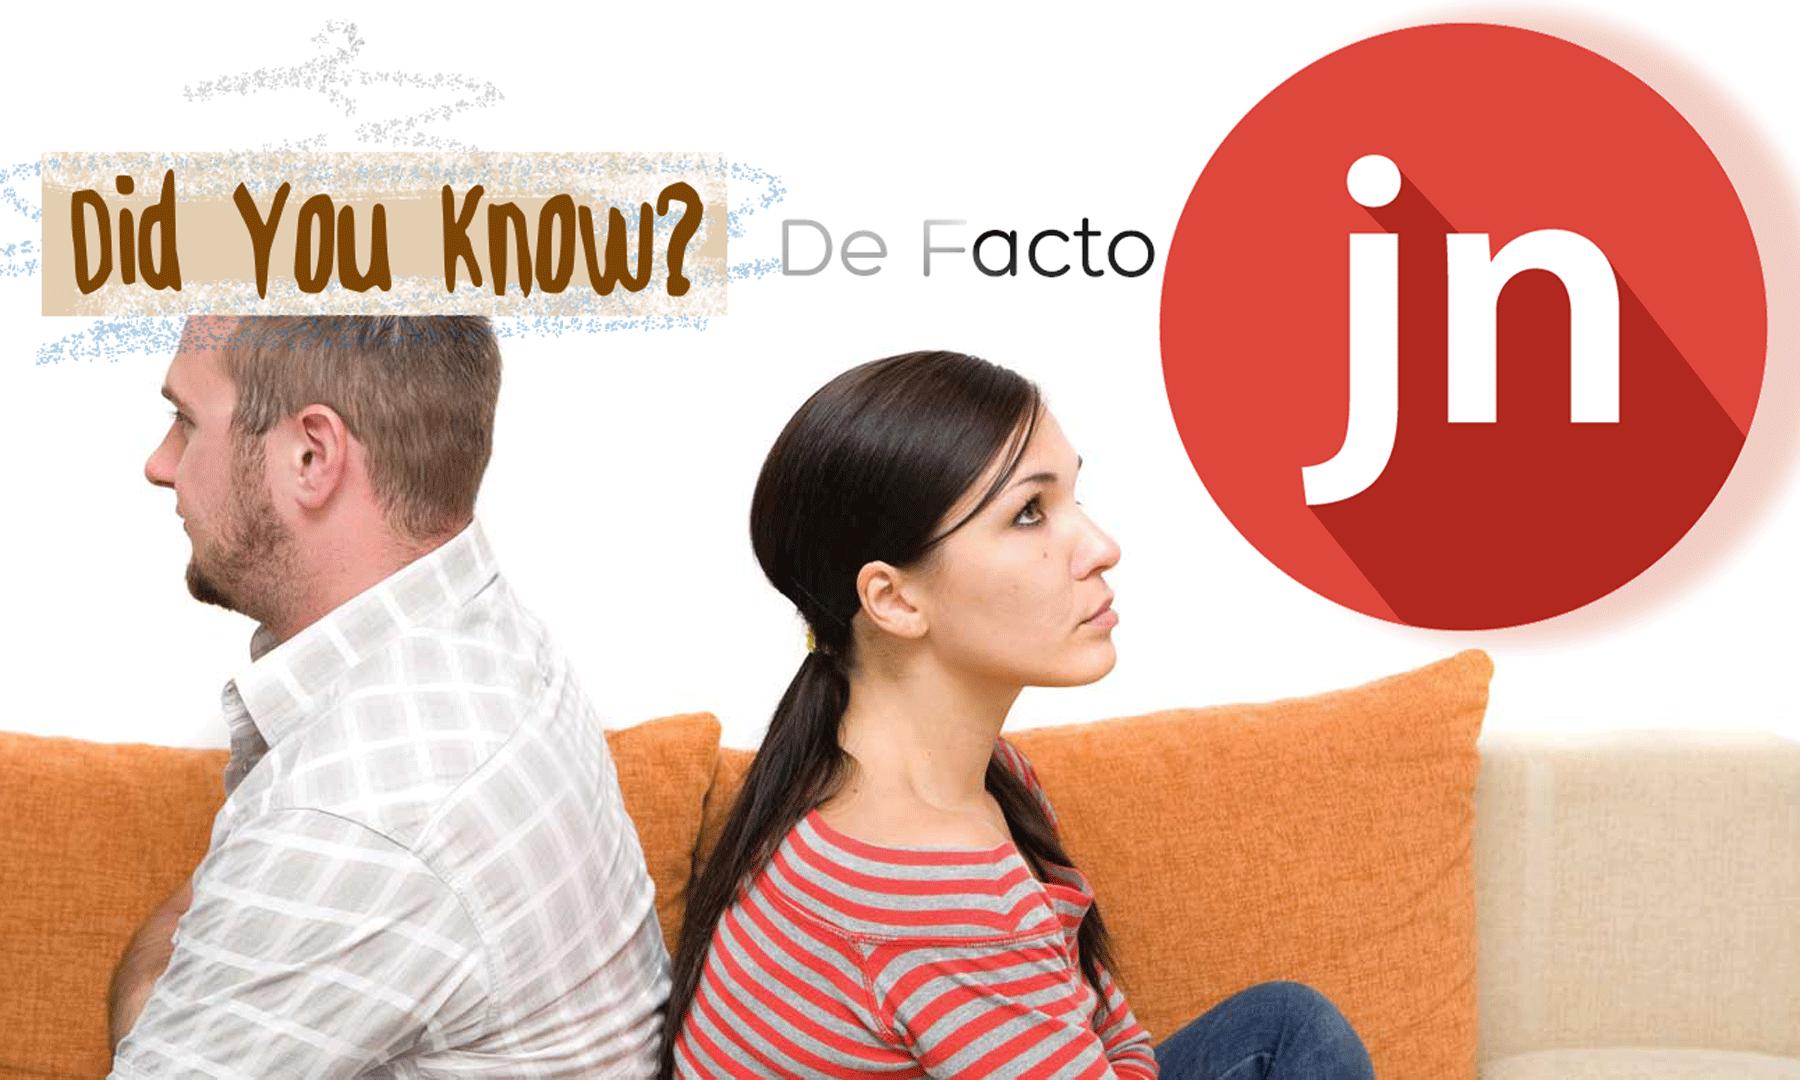 De Facto Separation – Did You Know?